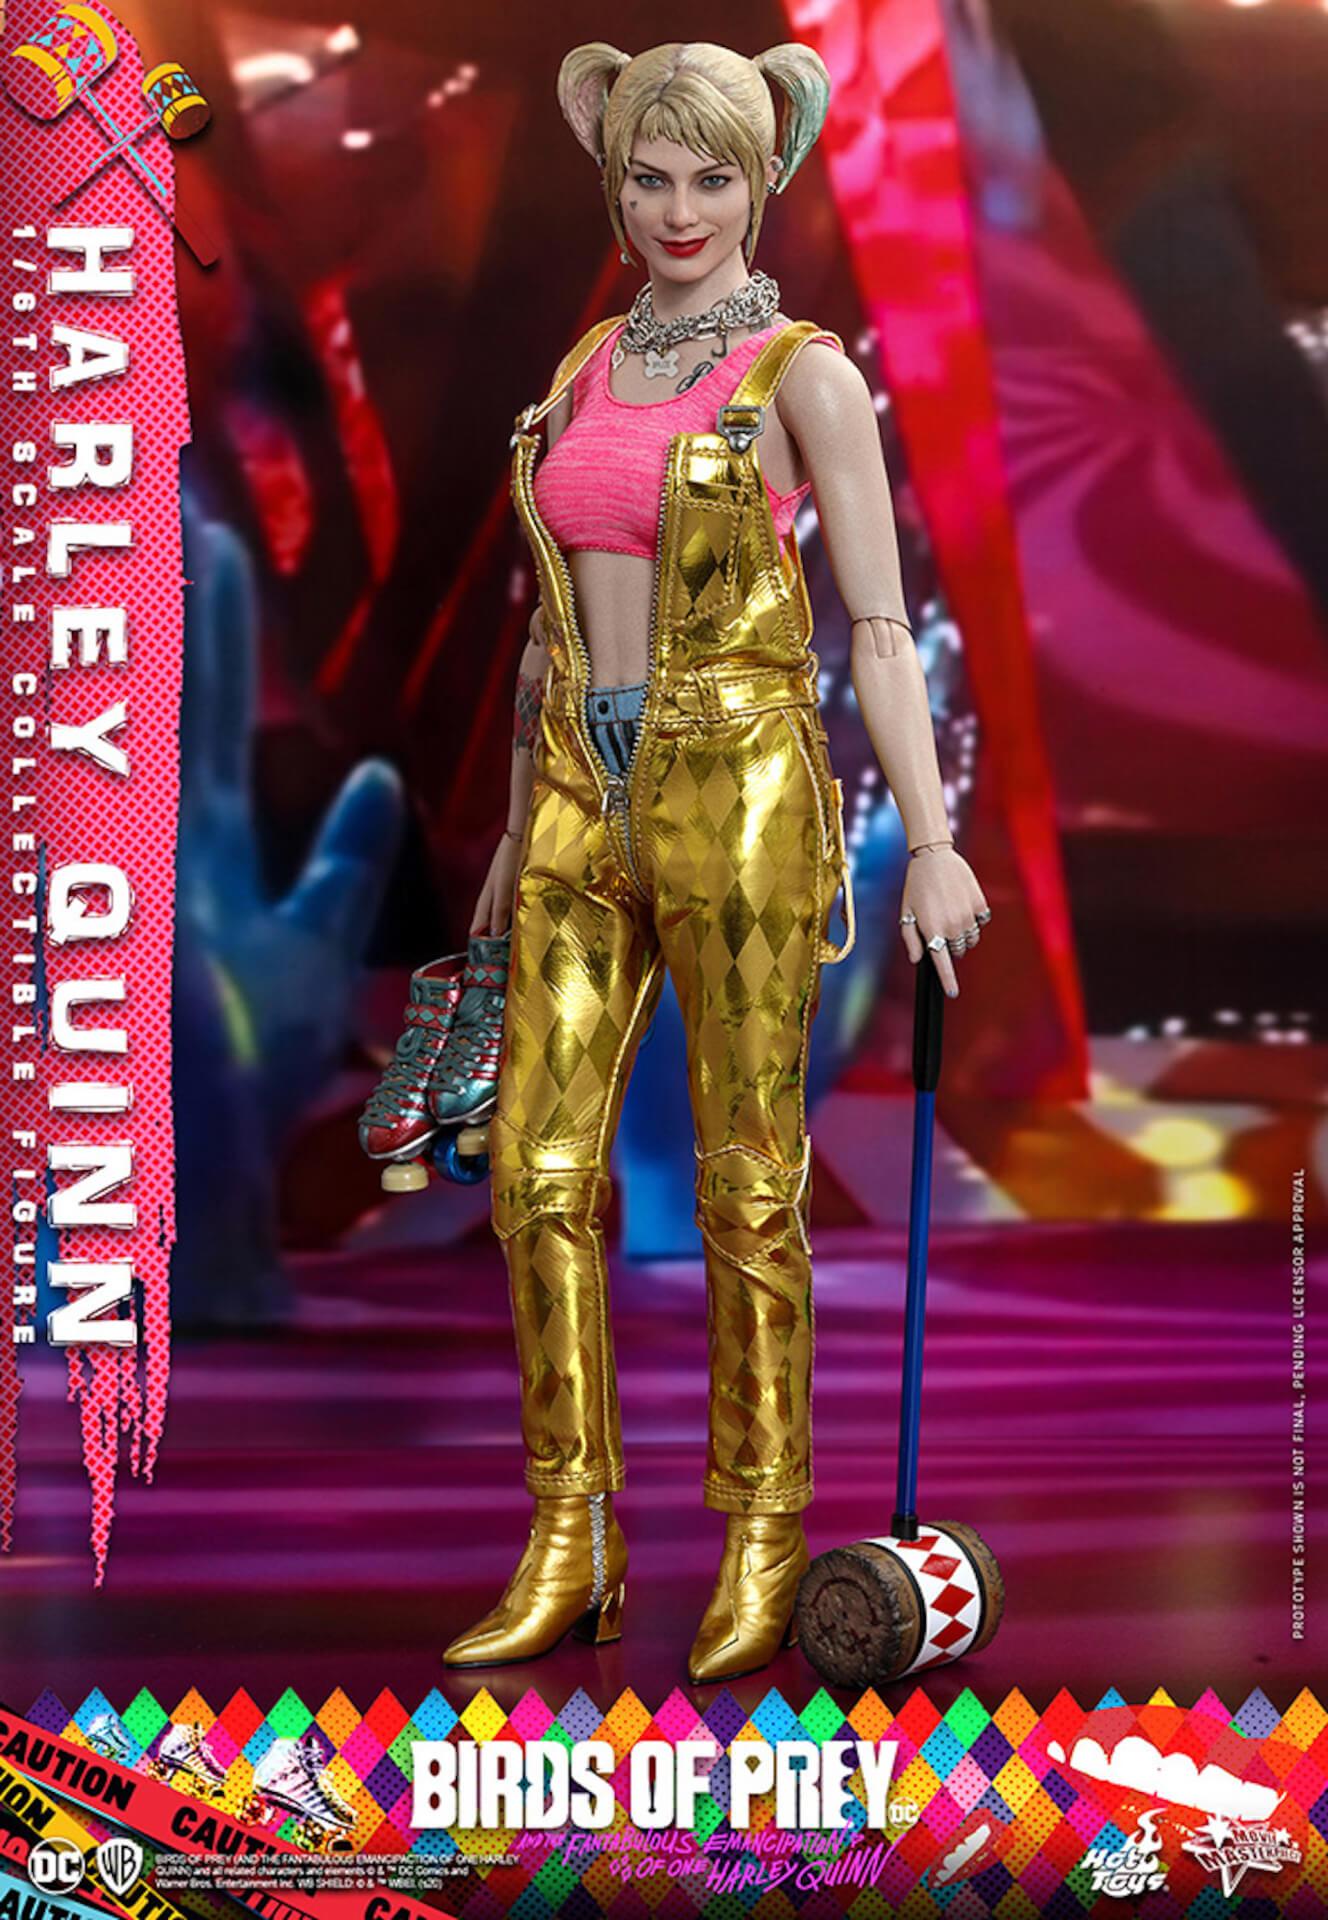 マーゴット・ロビー演じるハーレイ・クインがついに超精巧なフィギュアに!ホットトイズから『ハーレイ・クインの華麗なる覚醒』のフィギュアが登場 art200323_harleyquin_7